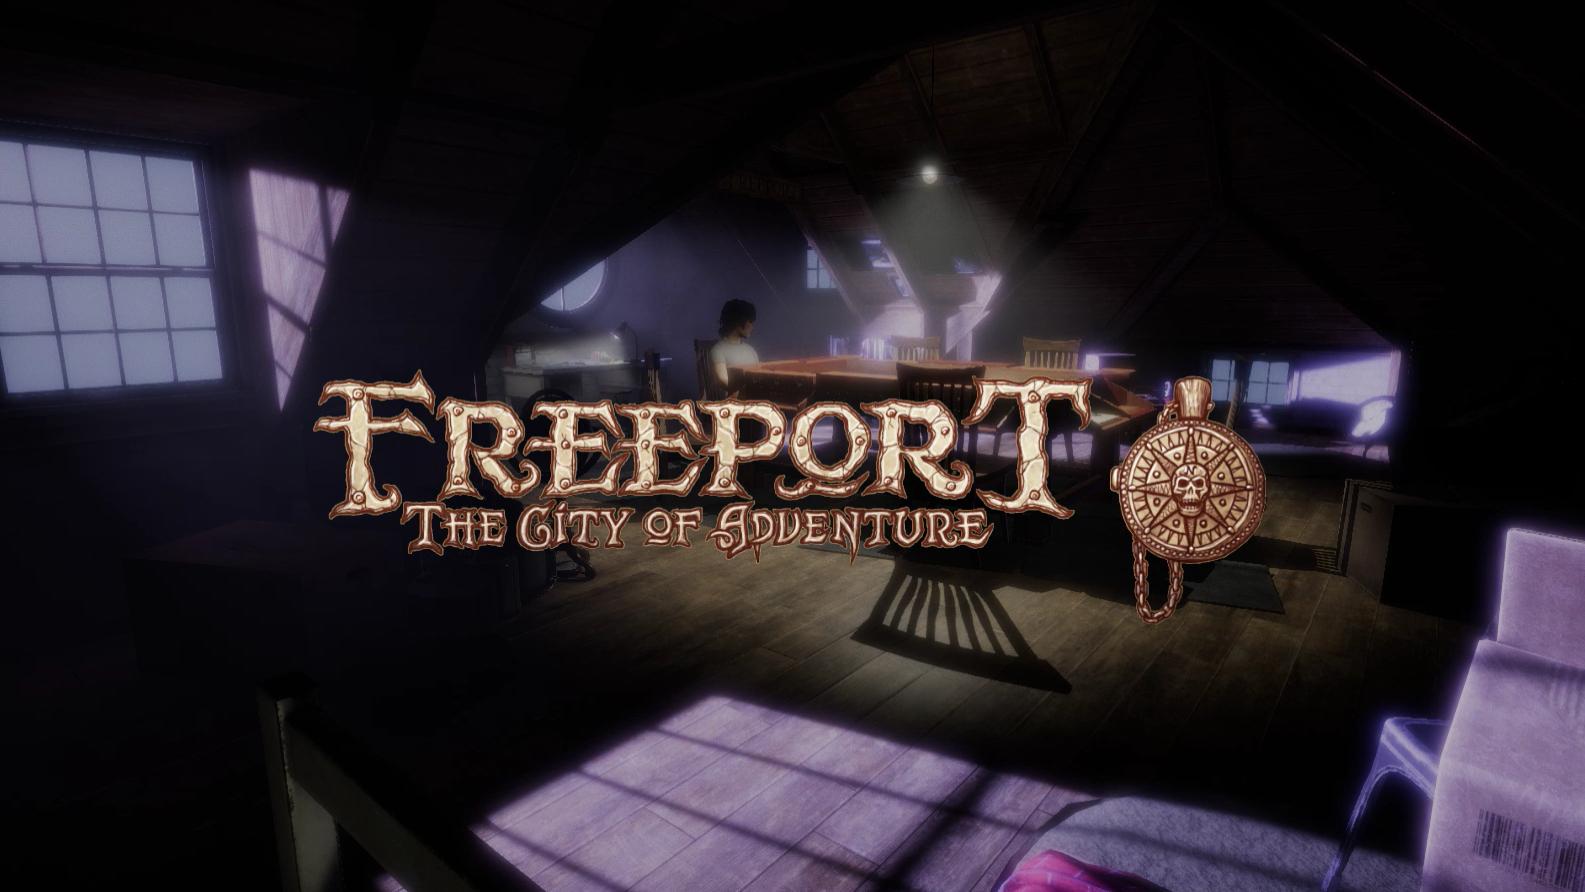 Freeport: The City of Adventure